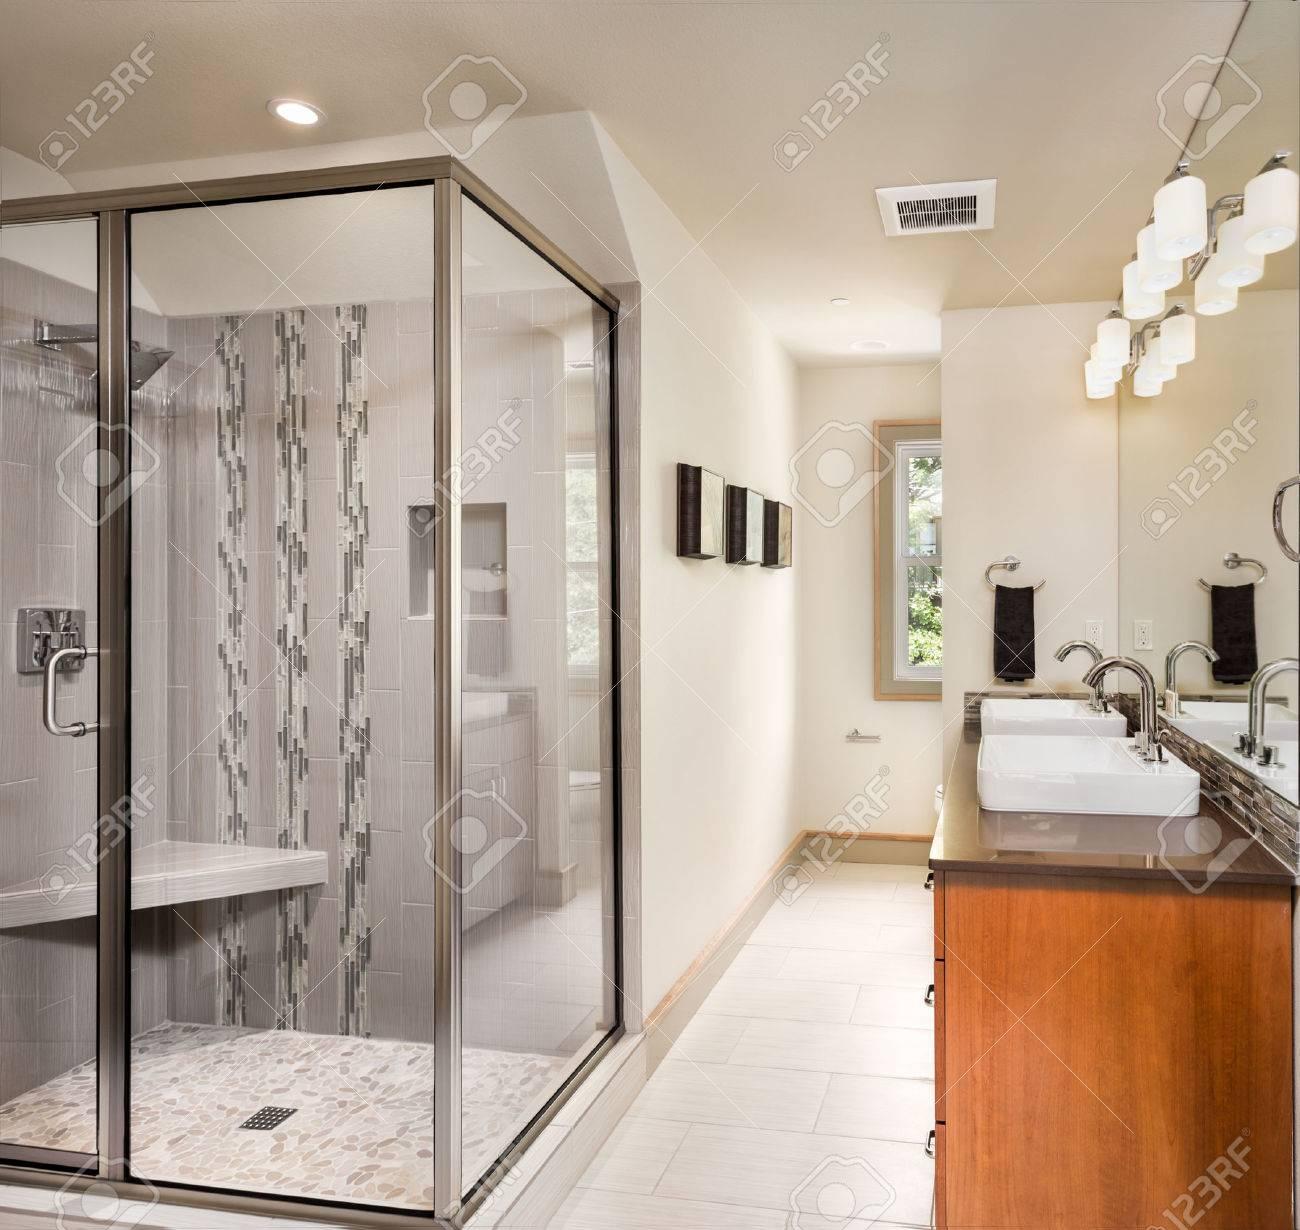 grande bagno arredato nella casa di lusso con pavimento di ... - Immagini Di Bagni Moderni Arredati